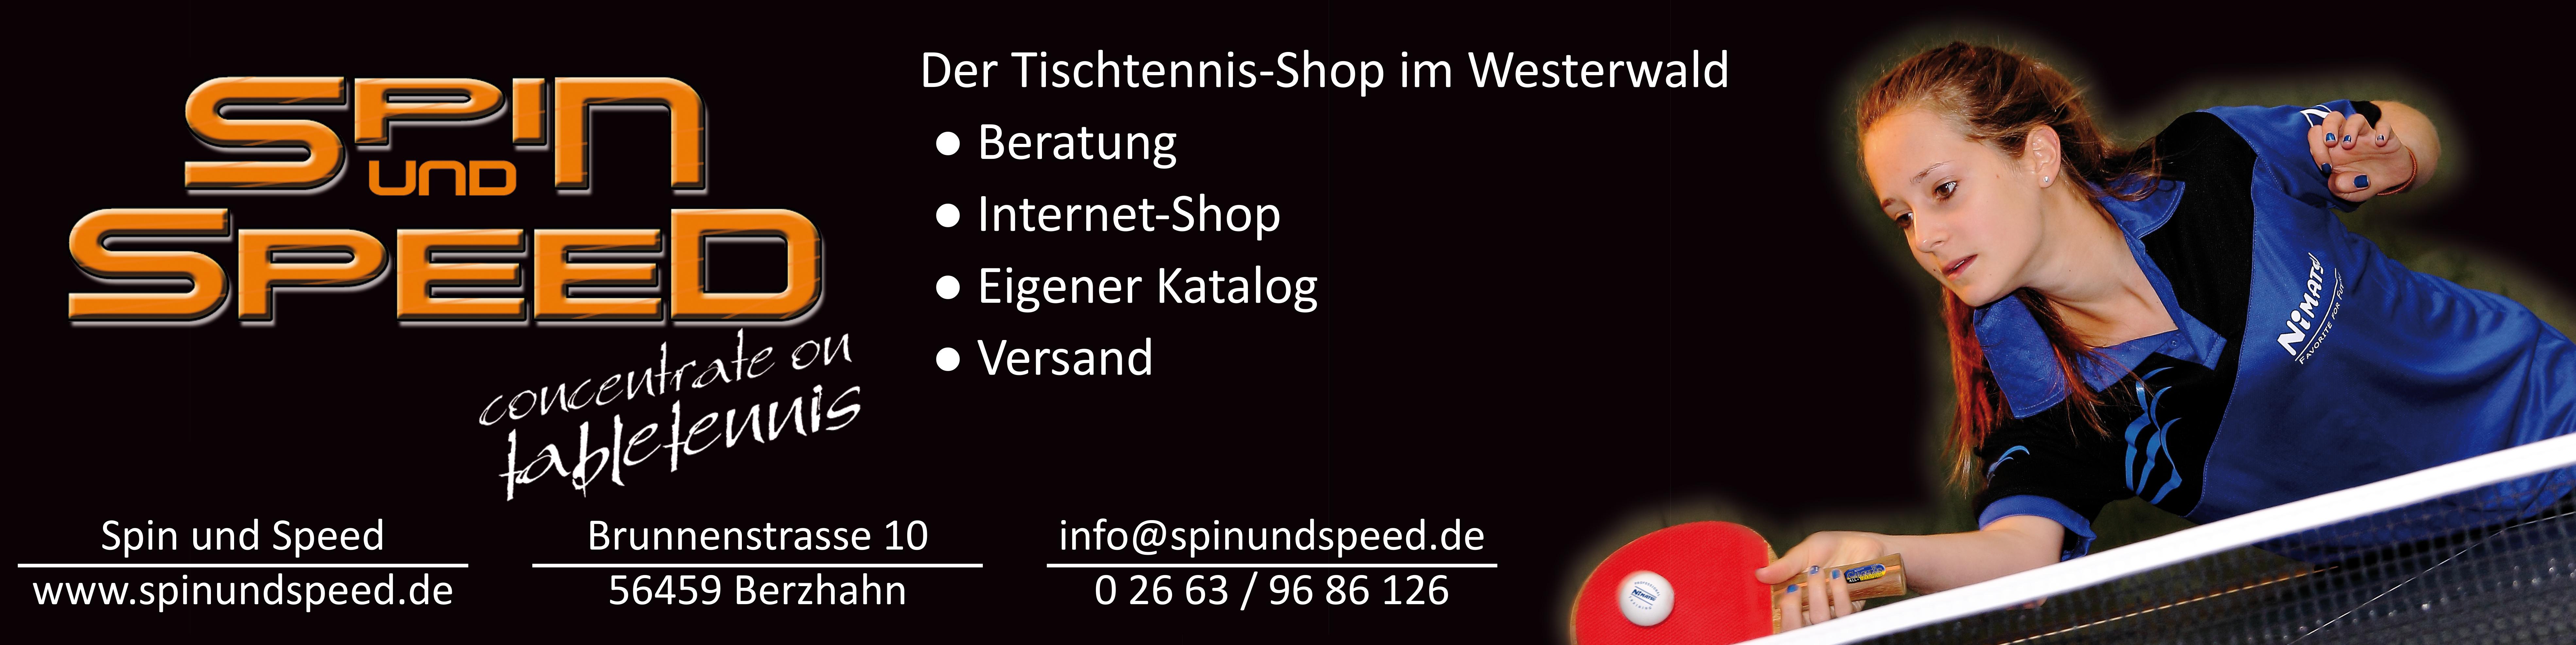 Spin_und_Speed